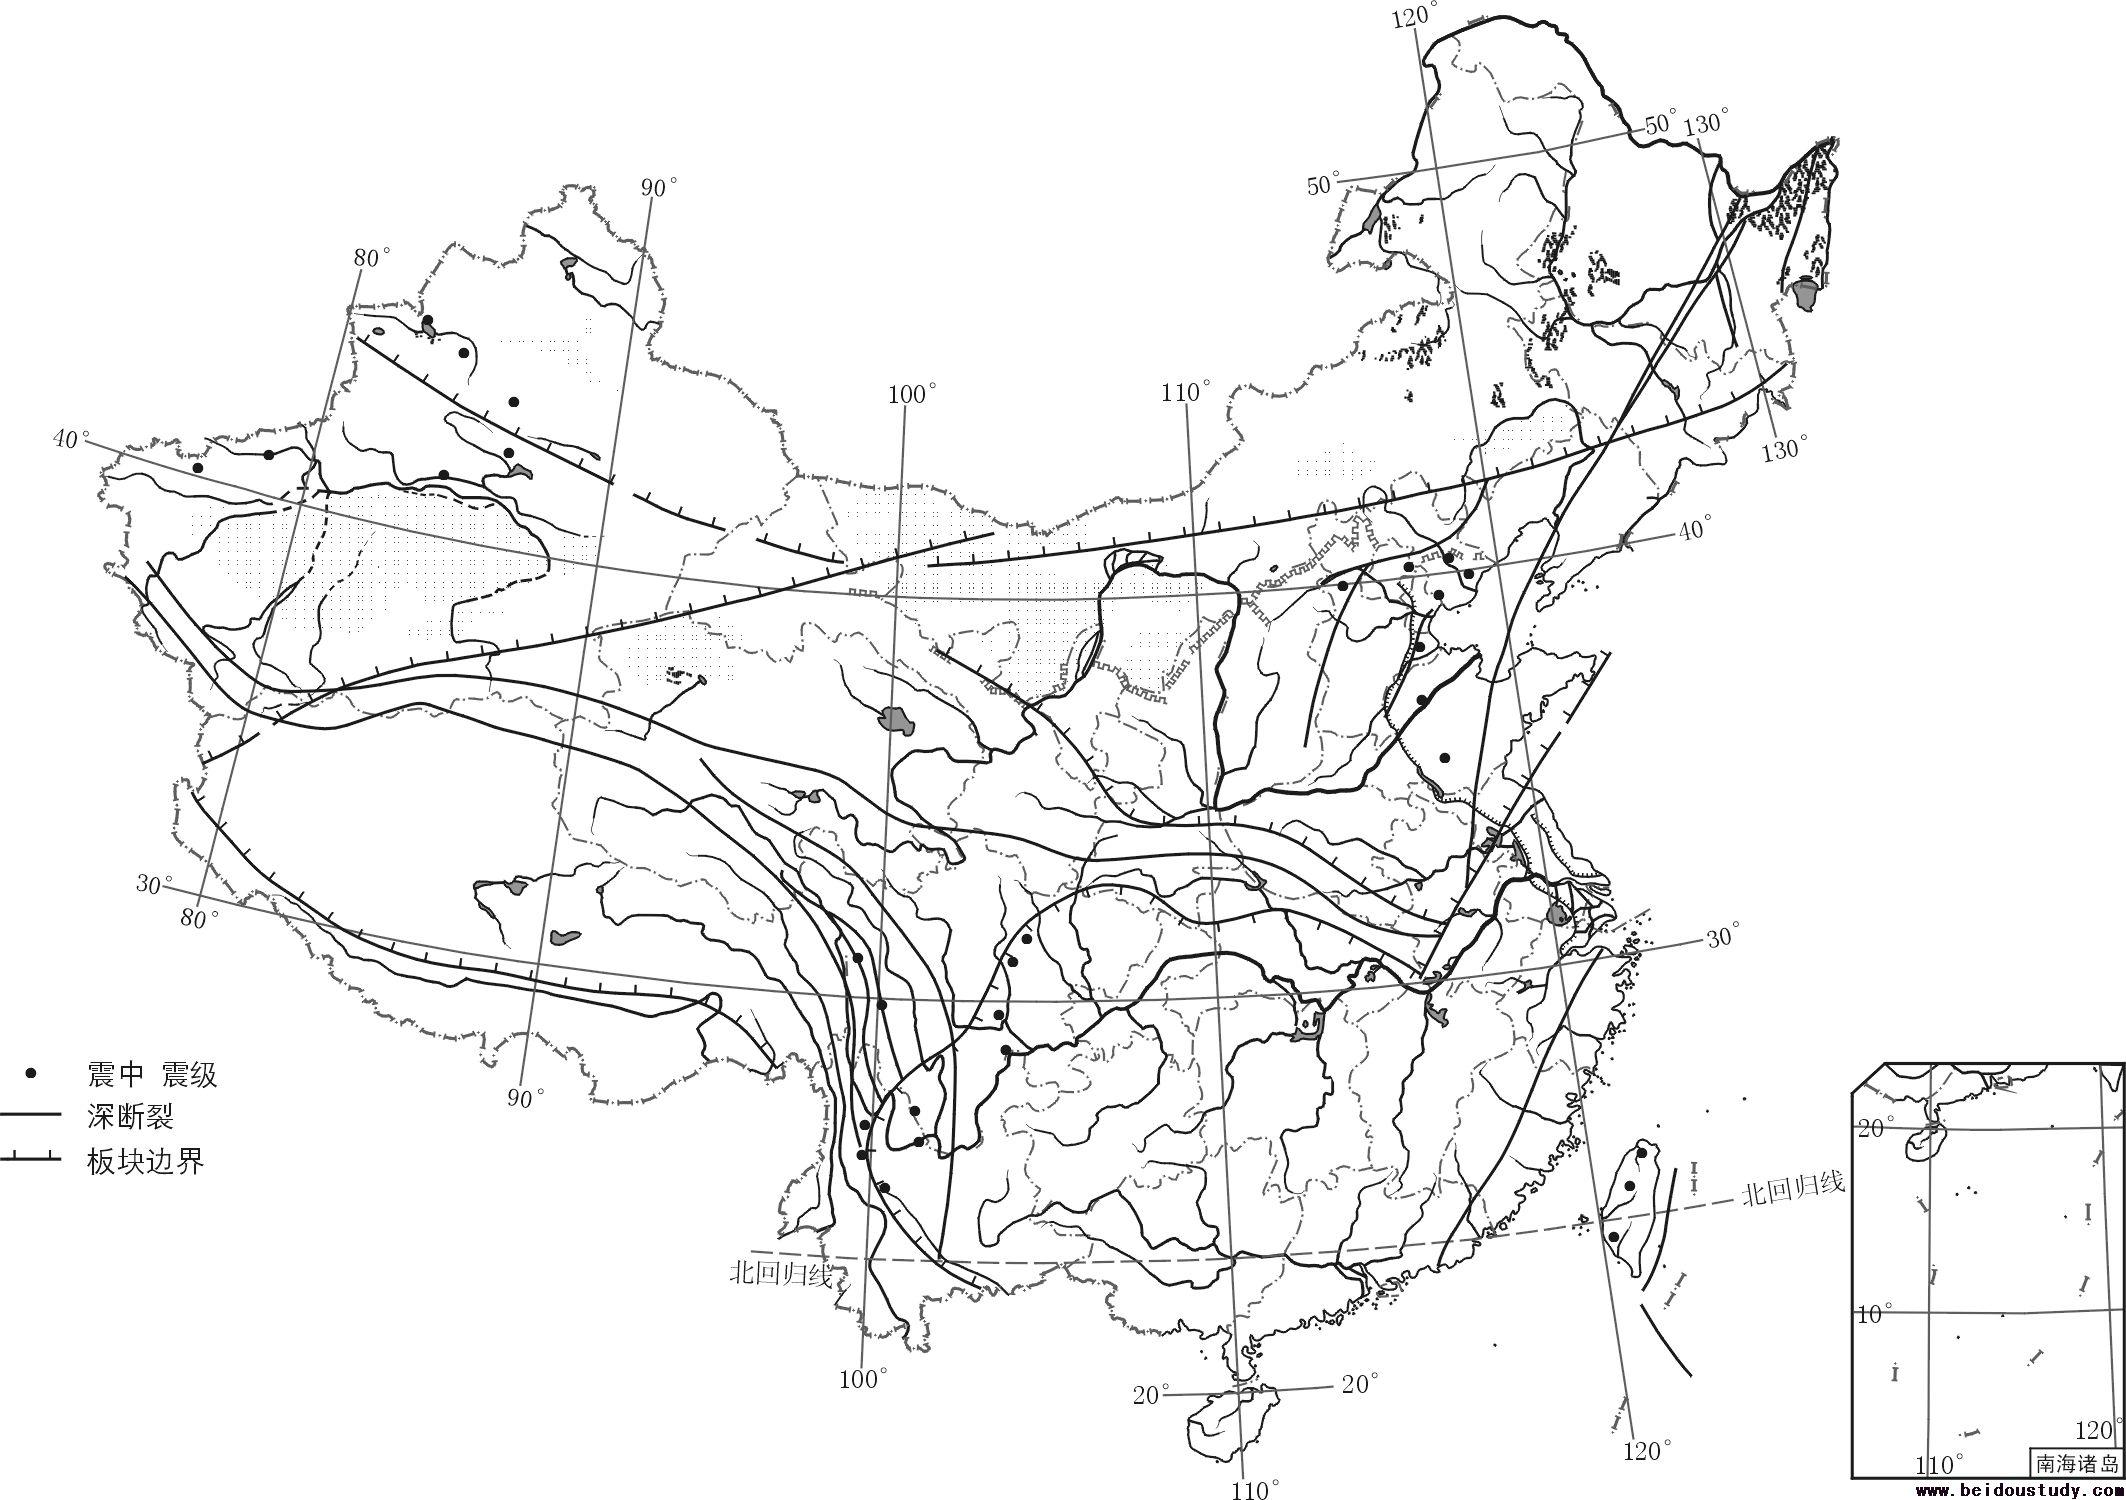 北斗学习网 资源中心 地图服务 >> 中国基础底图   共 18 张,当前第 1